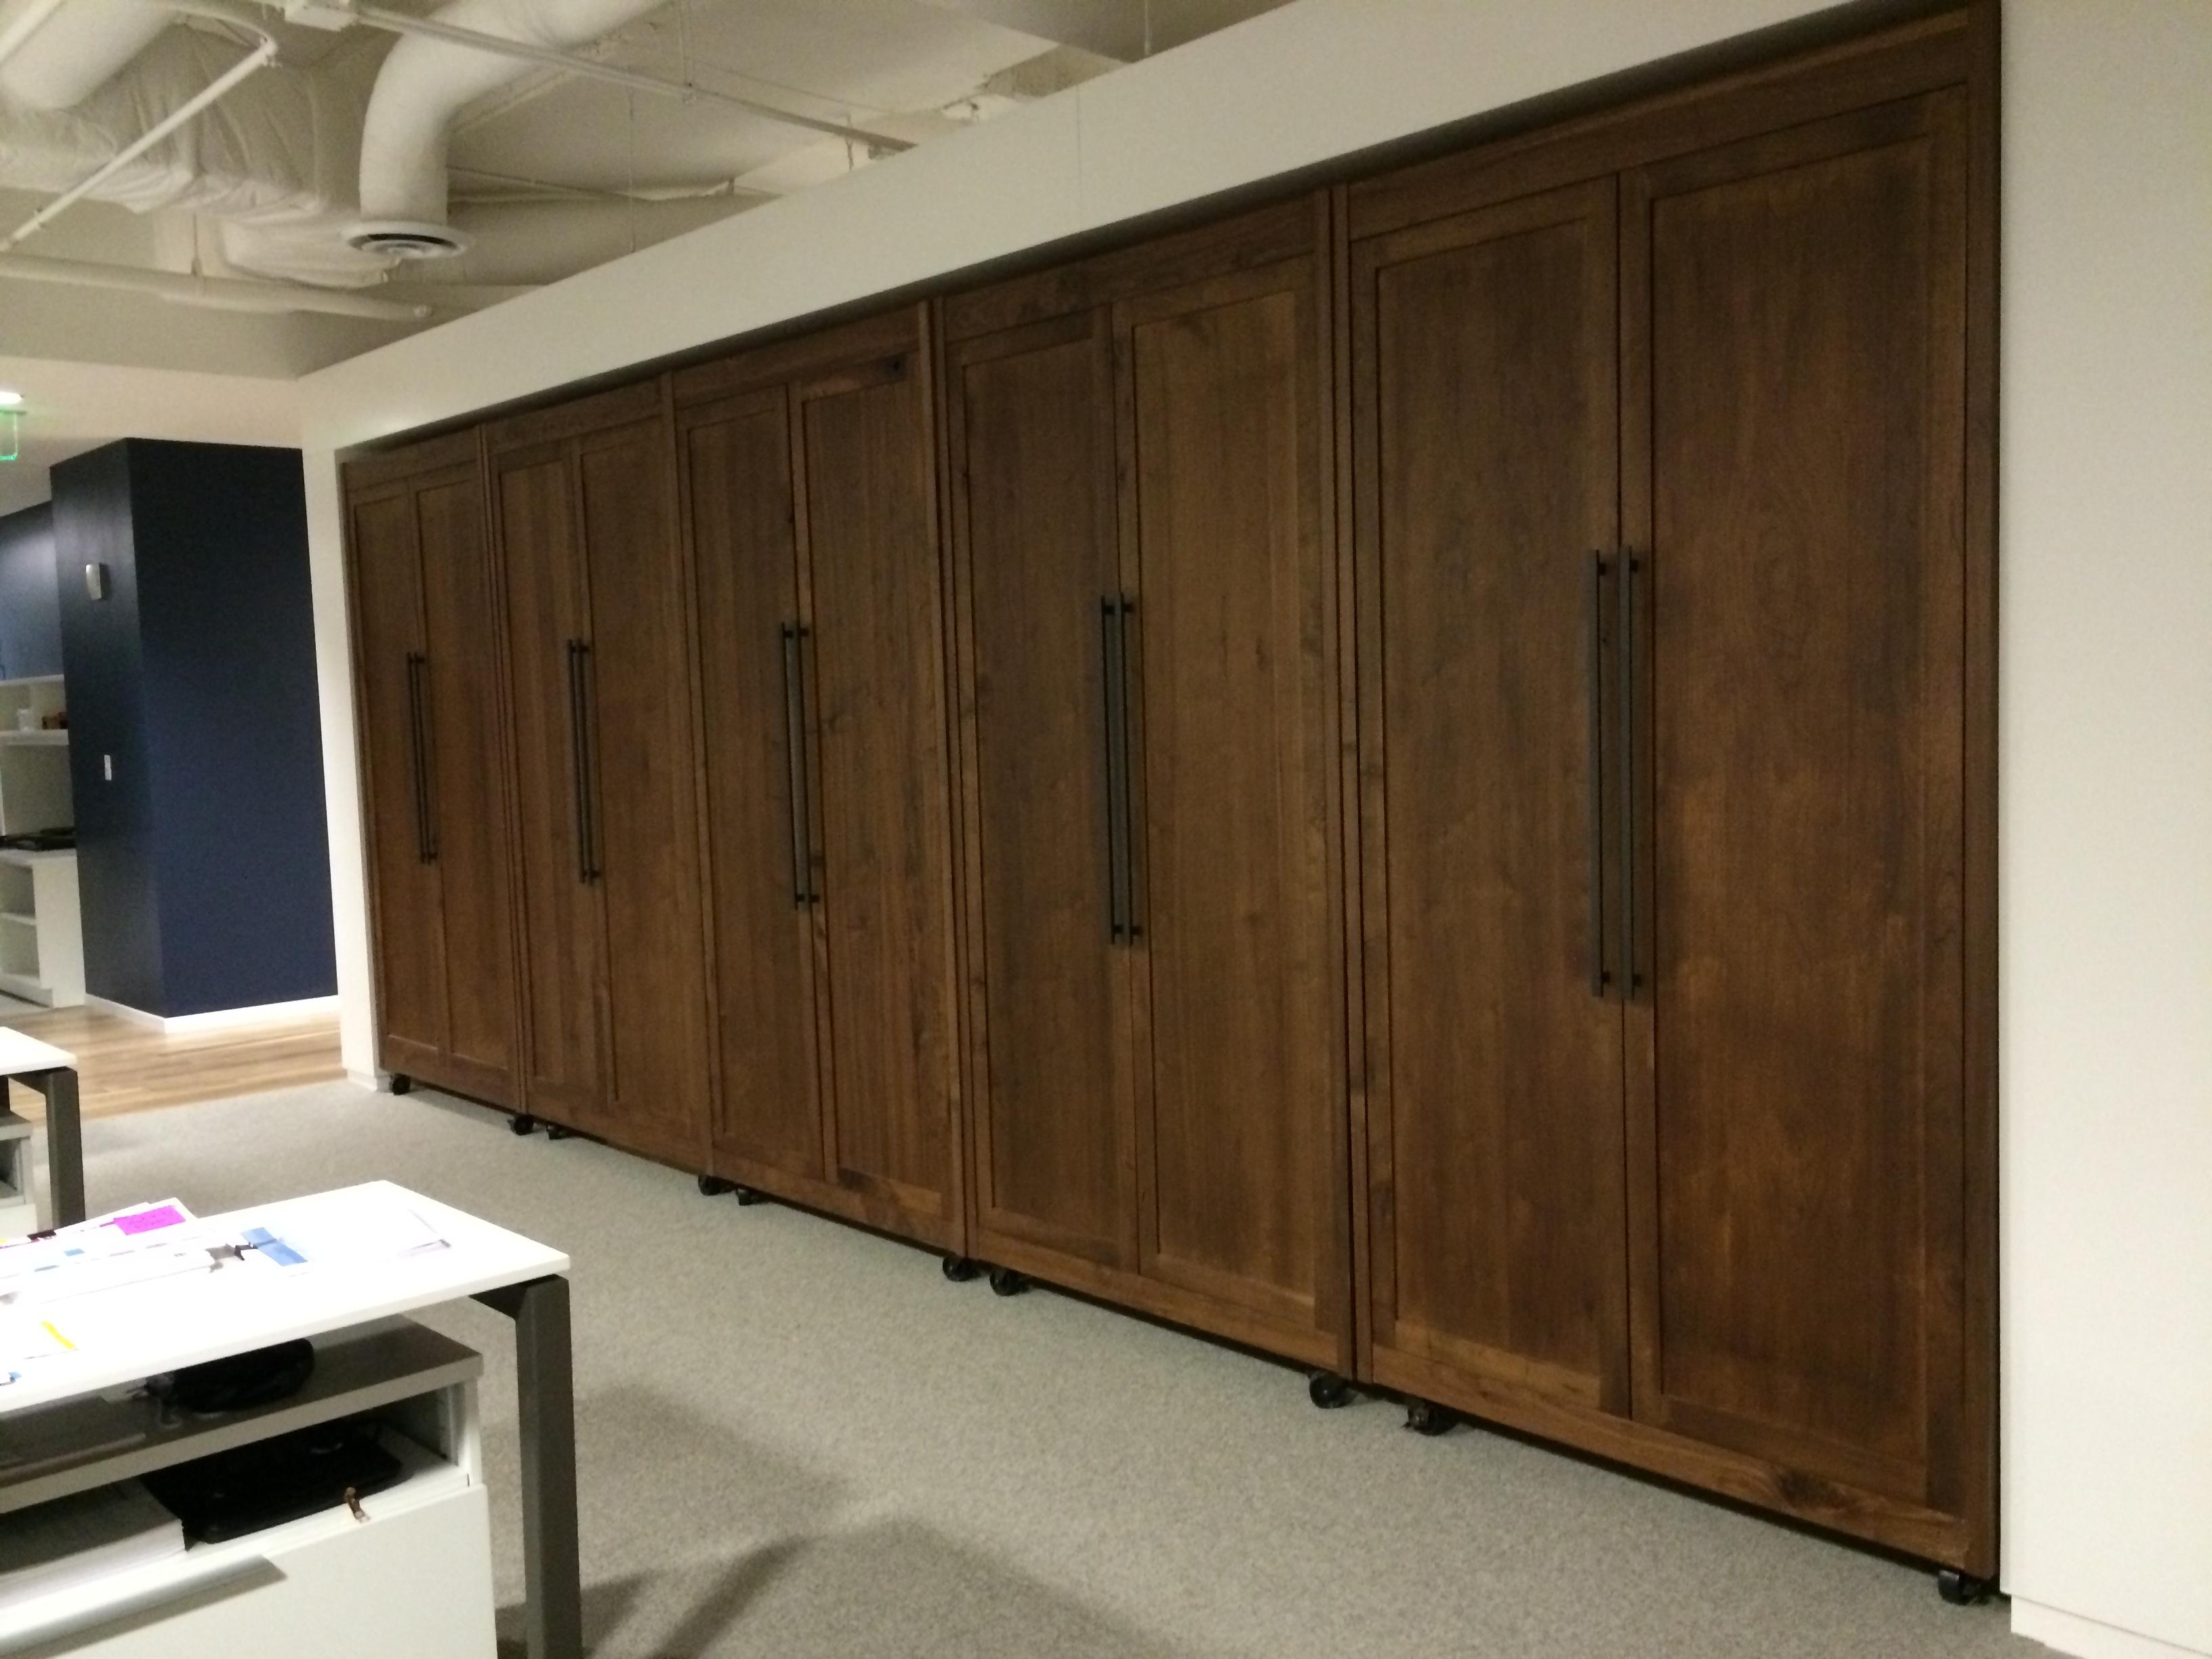 Large Wood Sliding Doors3264 X 2448